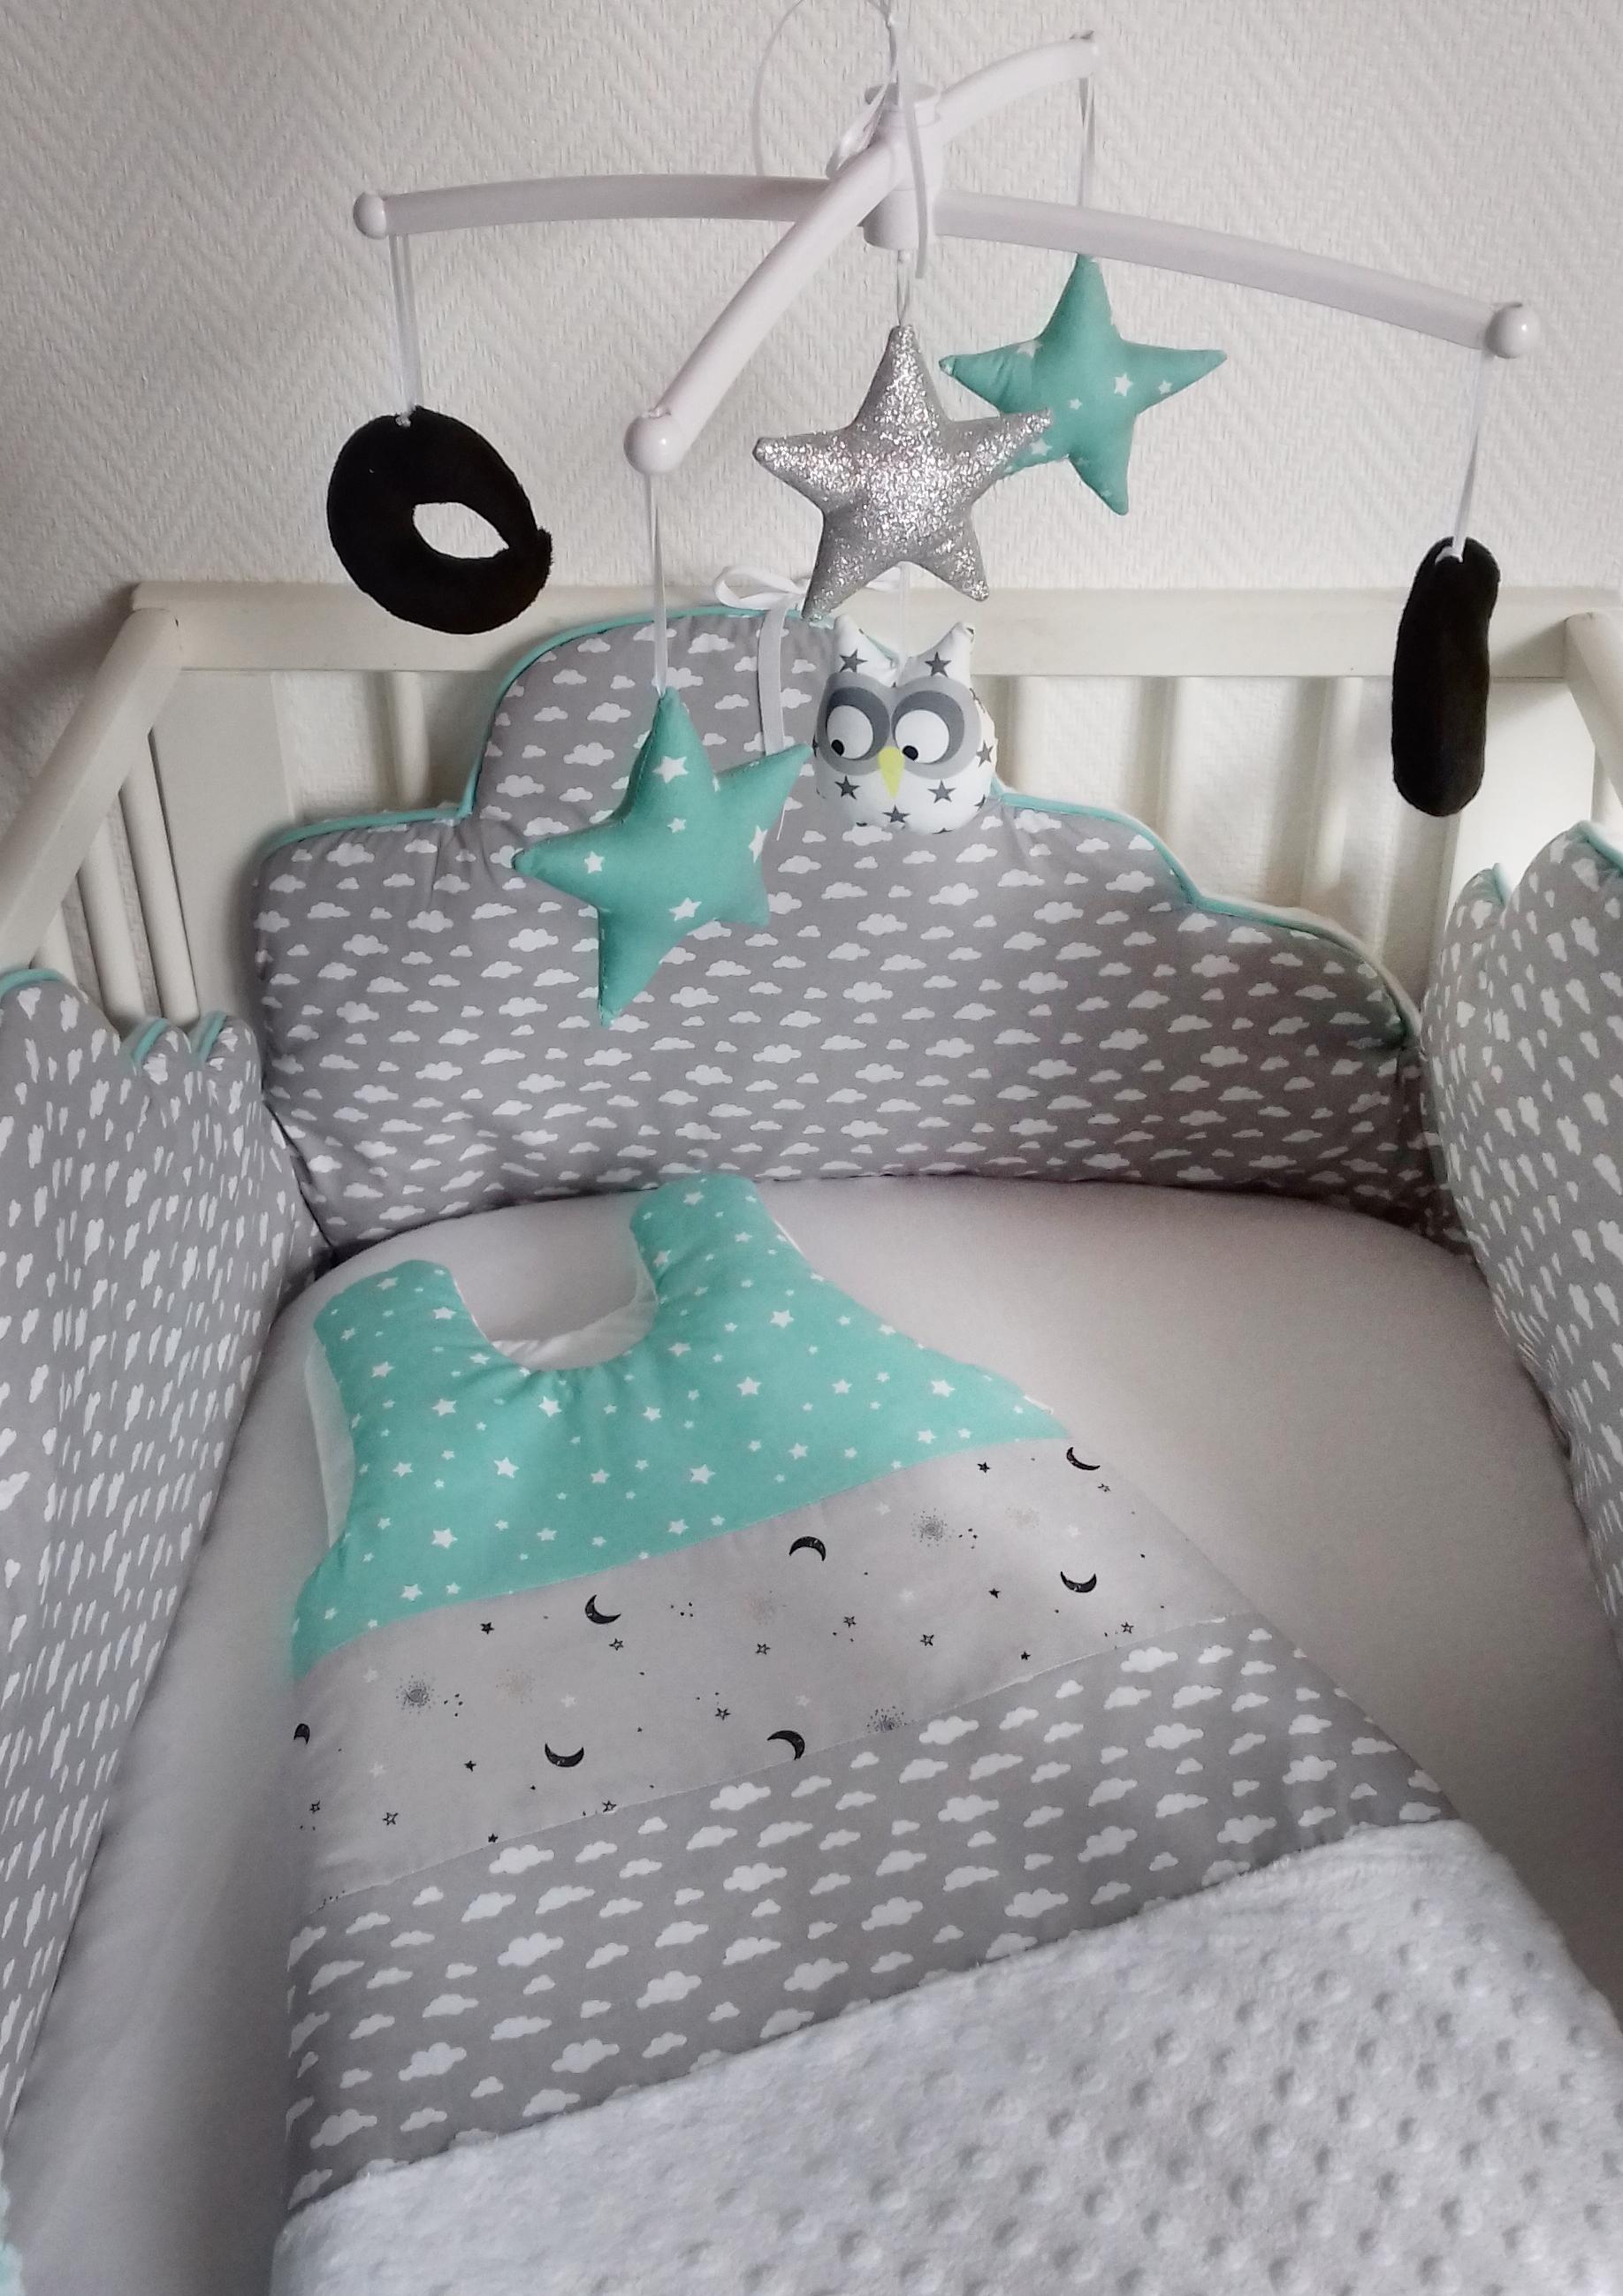 tour de lit et gigoteuse nuage menthe guili gribouilli linge de lit et de d co pour enfant. Black Bedroom Furniture Sets. Home Design Ideas